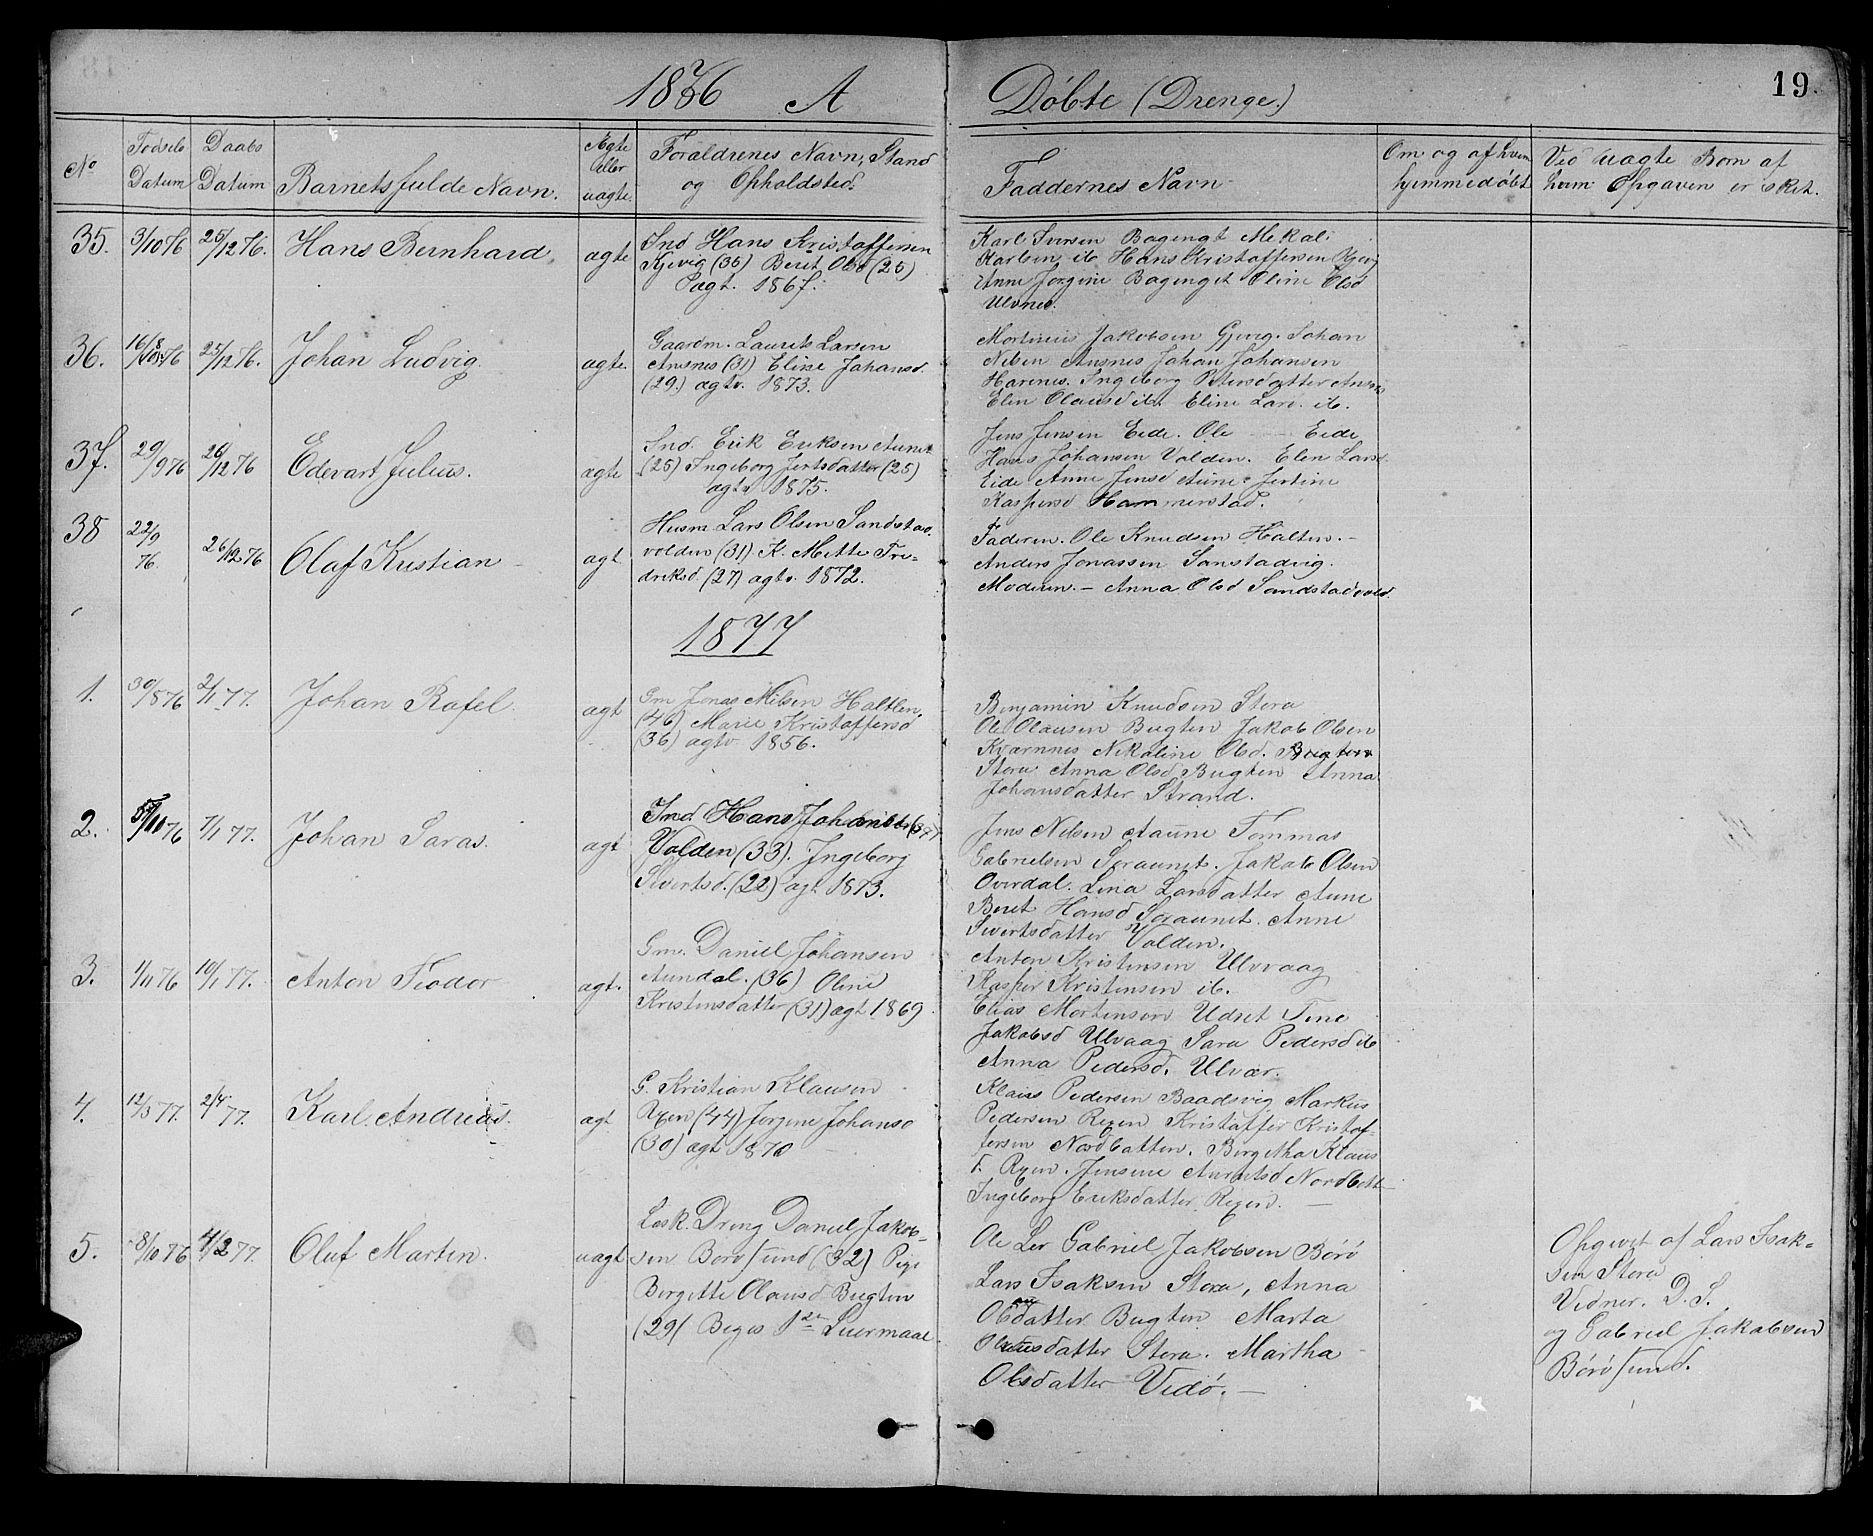 SAT, Ministerialprotokoller, klokkerbøker og fødselsregistre - Sør-Trøndelag, 637/L0561: Klokkerbok nr. 637C02, 1873-1882, s. 19